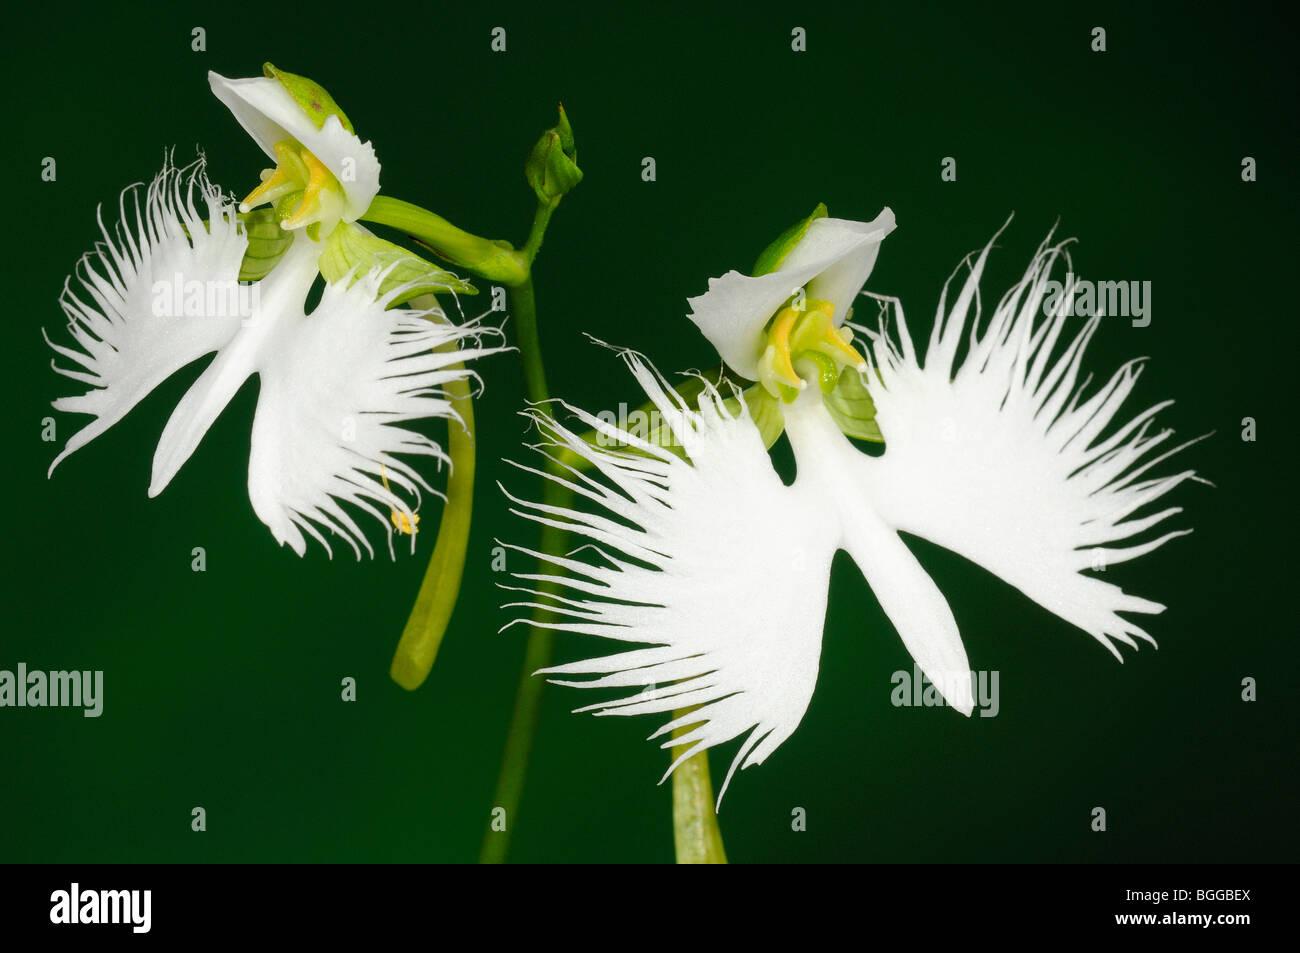 White egret flower stock photos white egret flower stock images egret orchid habenaria radiata pair of white flowers on flower stalk stock mightylinksfo